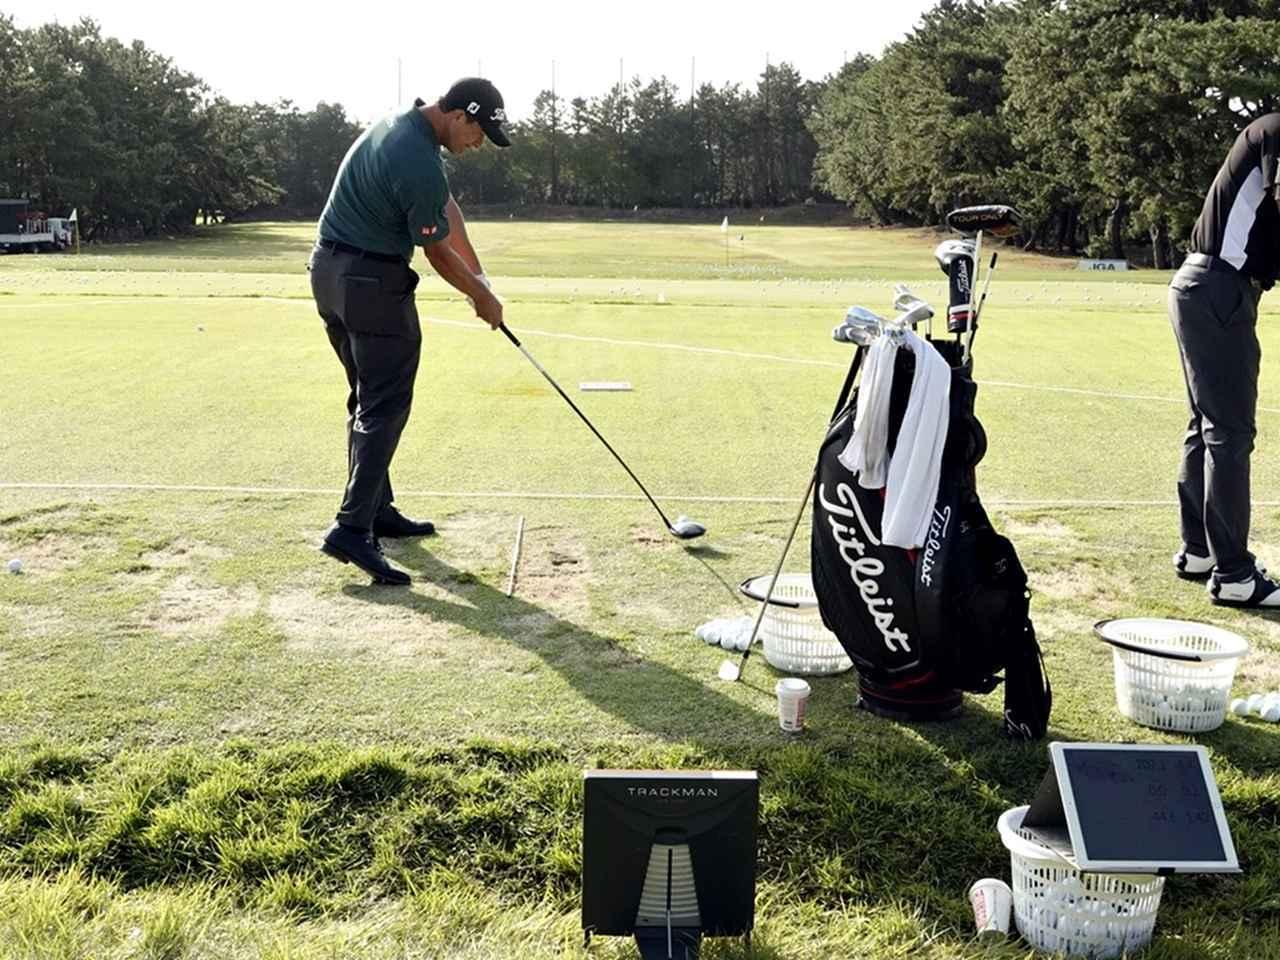 画像: 日本オープン練習日もアダム・スコットはトラックマンでデータ計測しながら練習を重ねていた